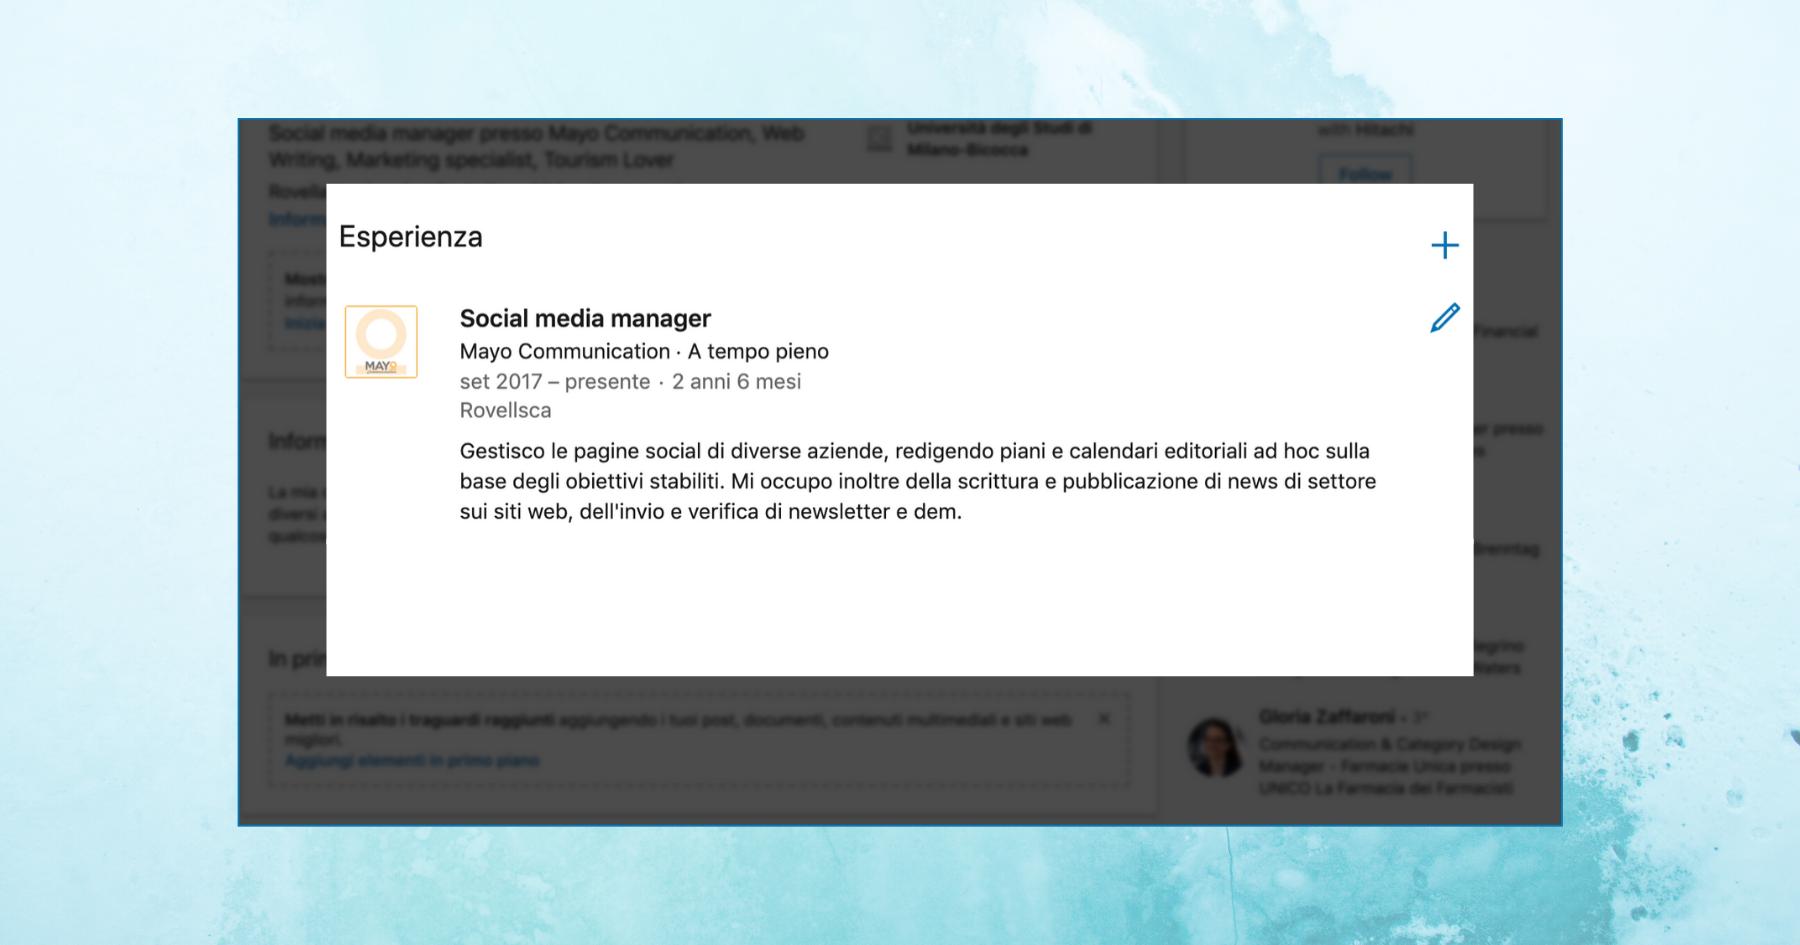 Schermata di un box esperienze di LinkedIn compilato nel dettaglio